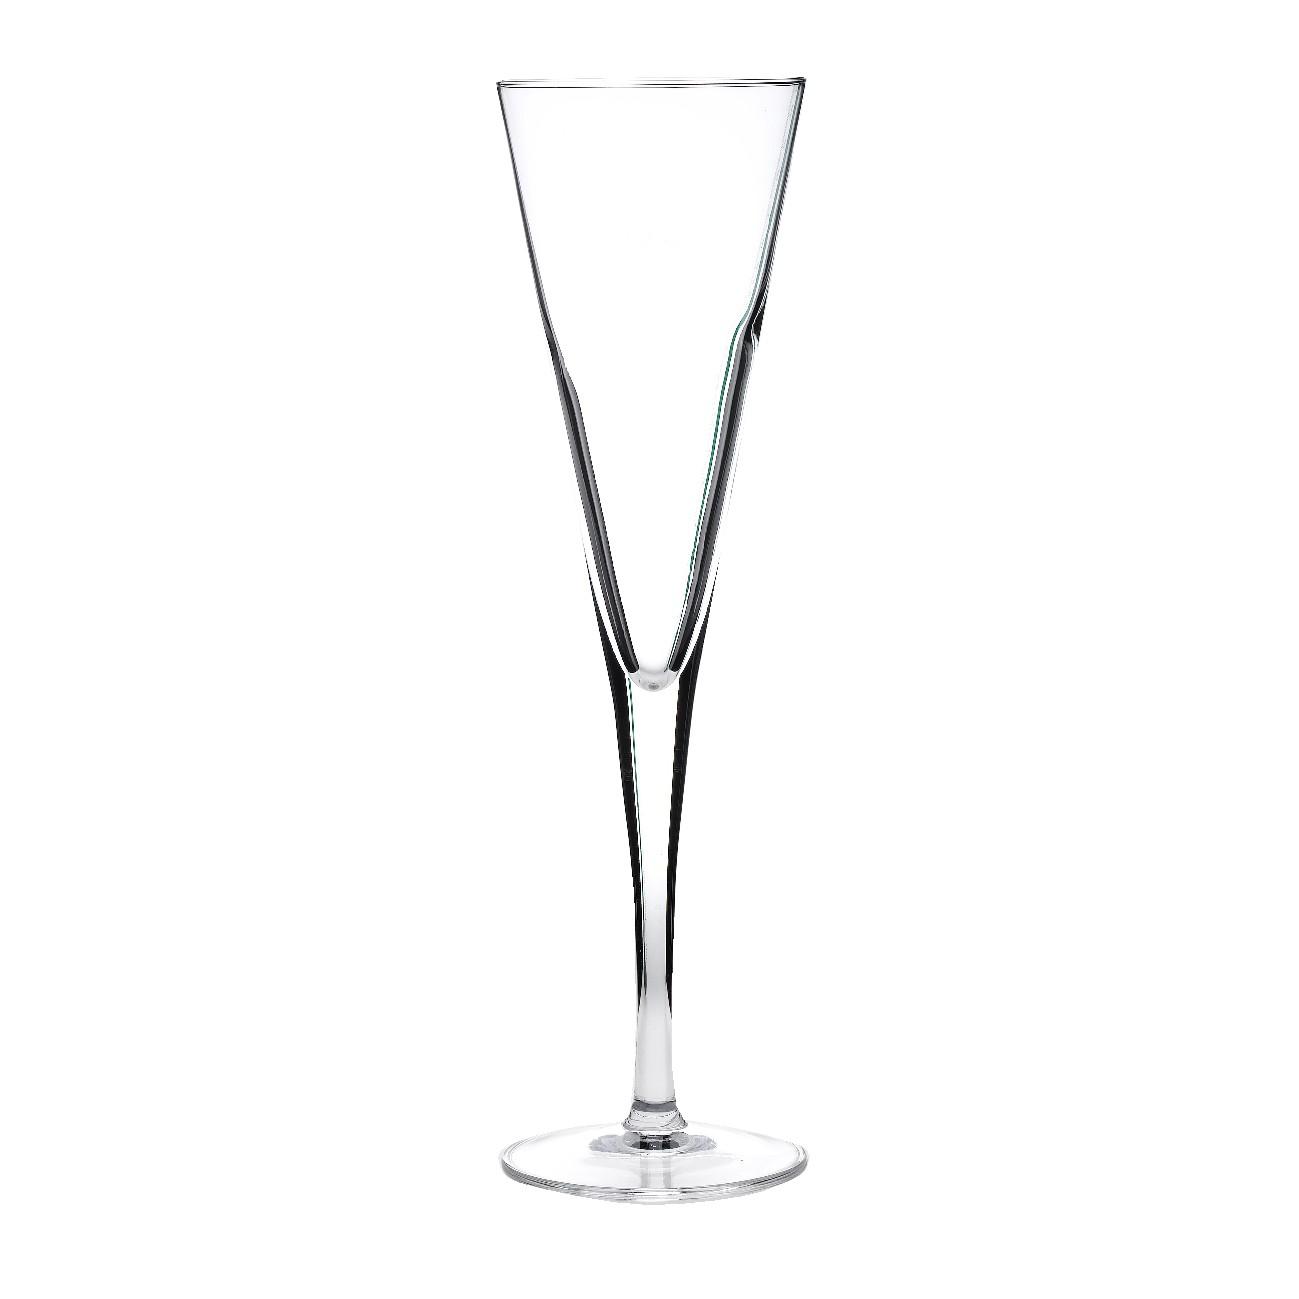 Atelier Prestige Trumpet Champagne Flutes 16cl / 5.75oz